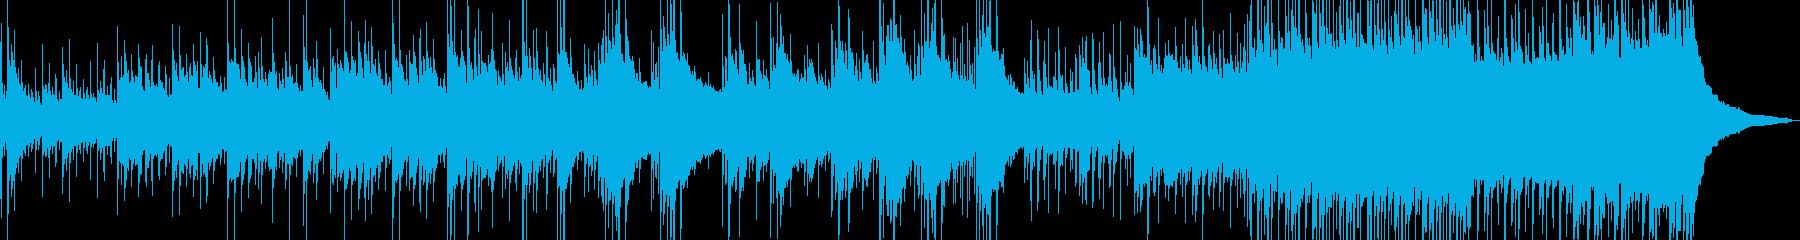 ドラムが落ち着くアコースティック音楽の再生済みの波形